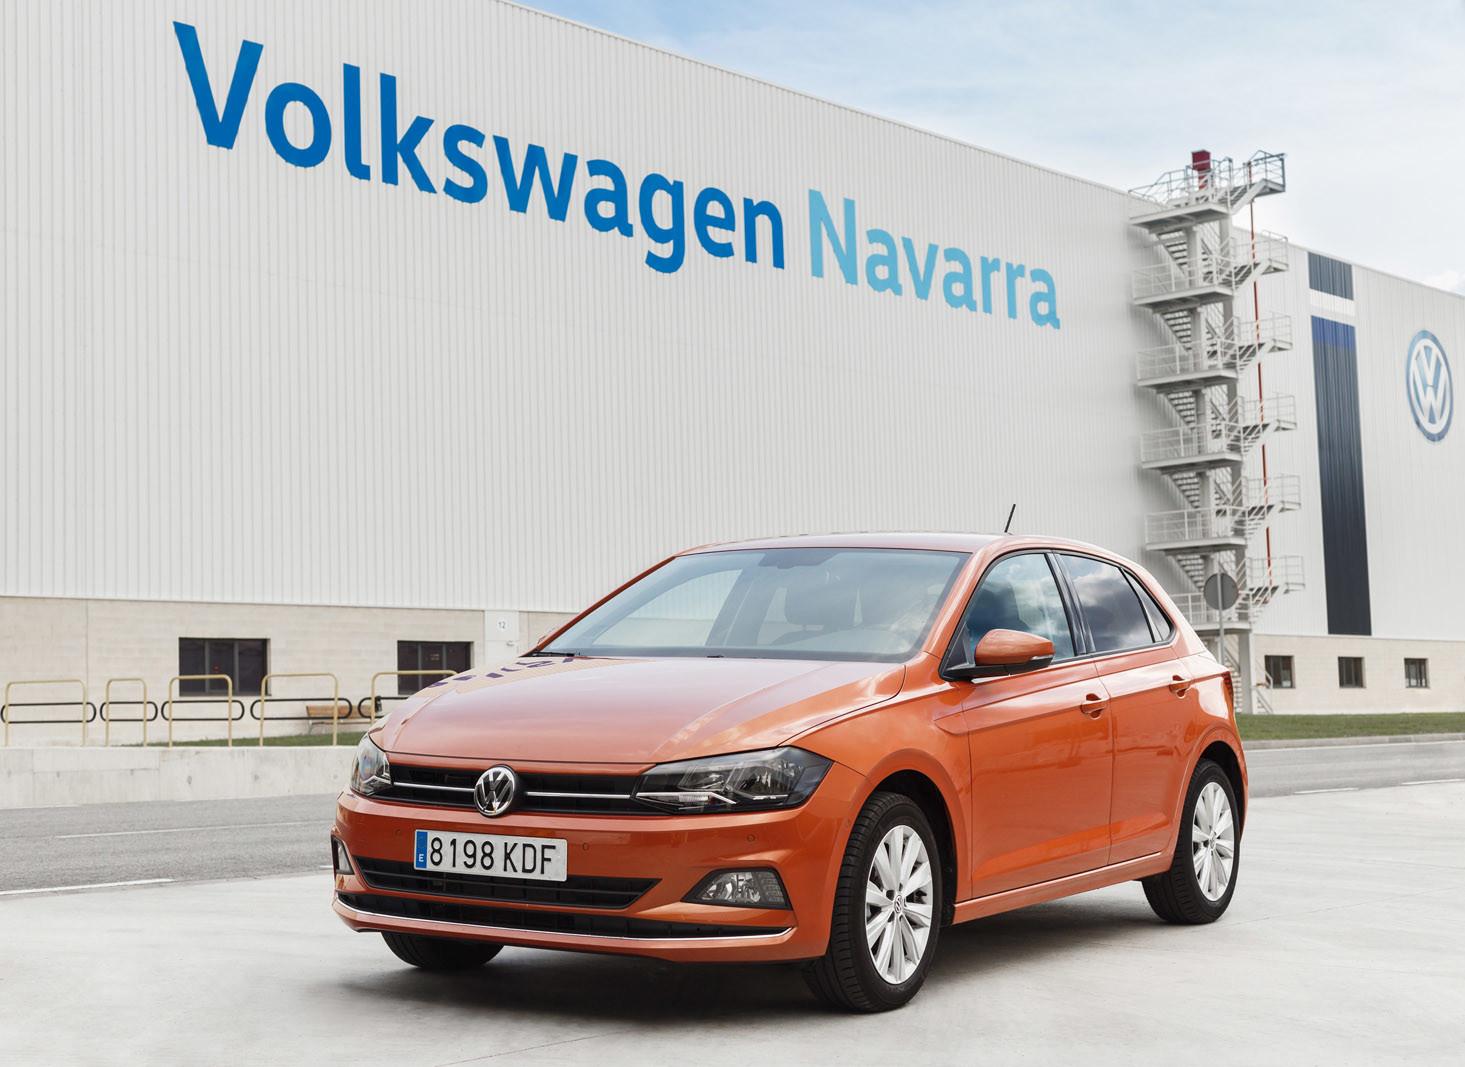 Volkswagen Polo 2018, toma de contacto